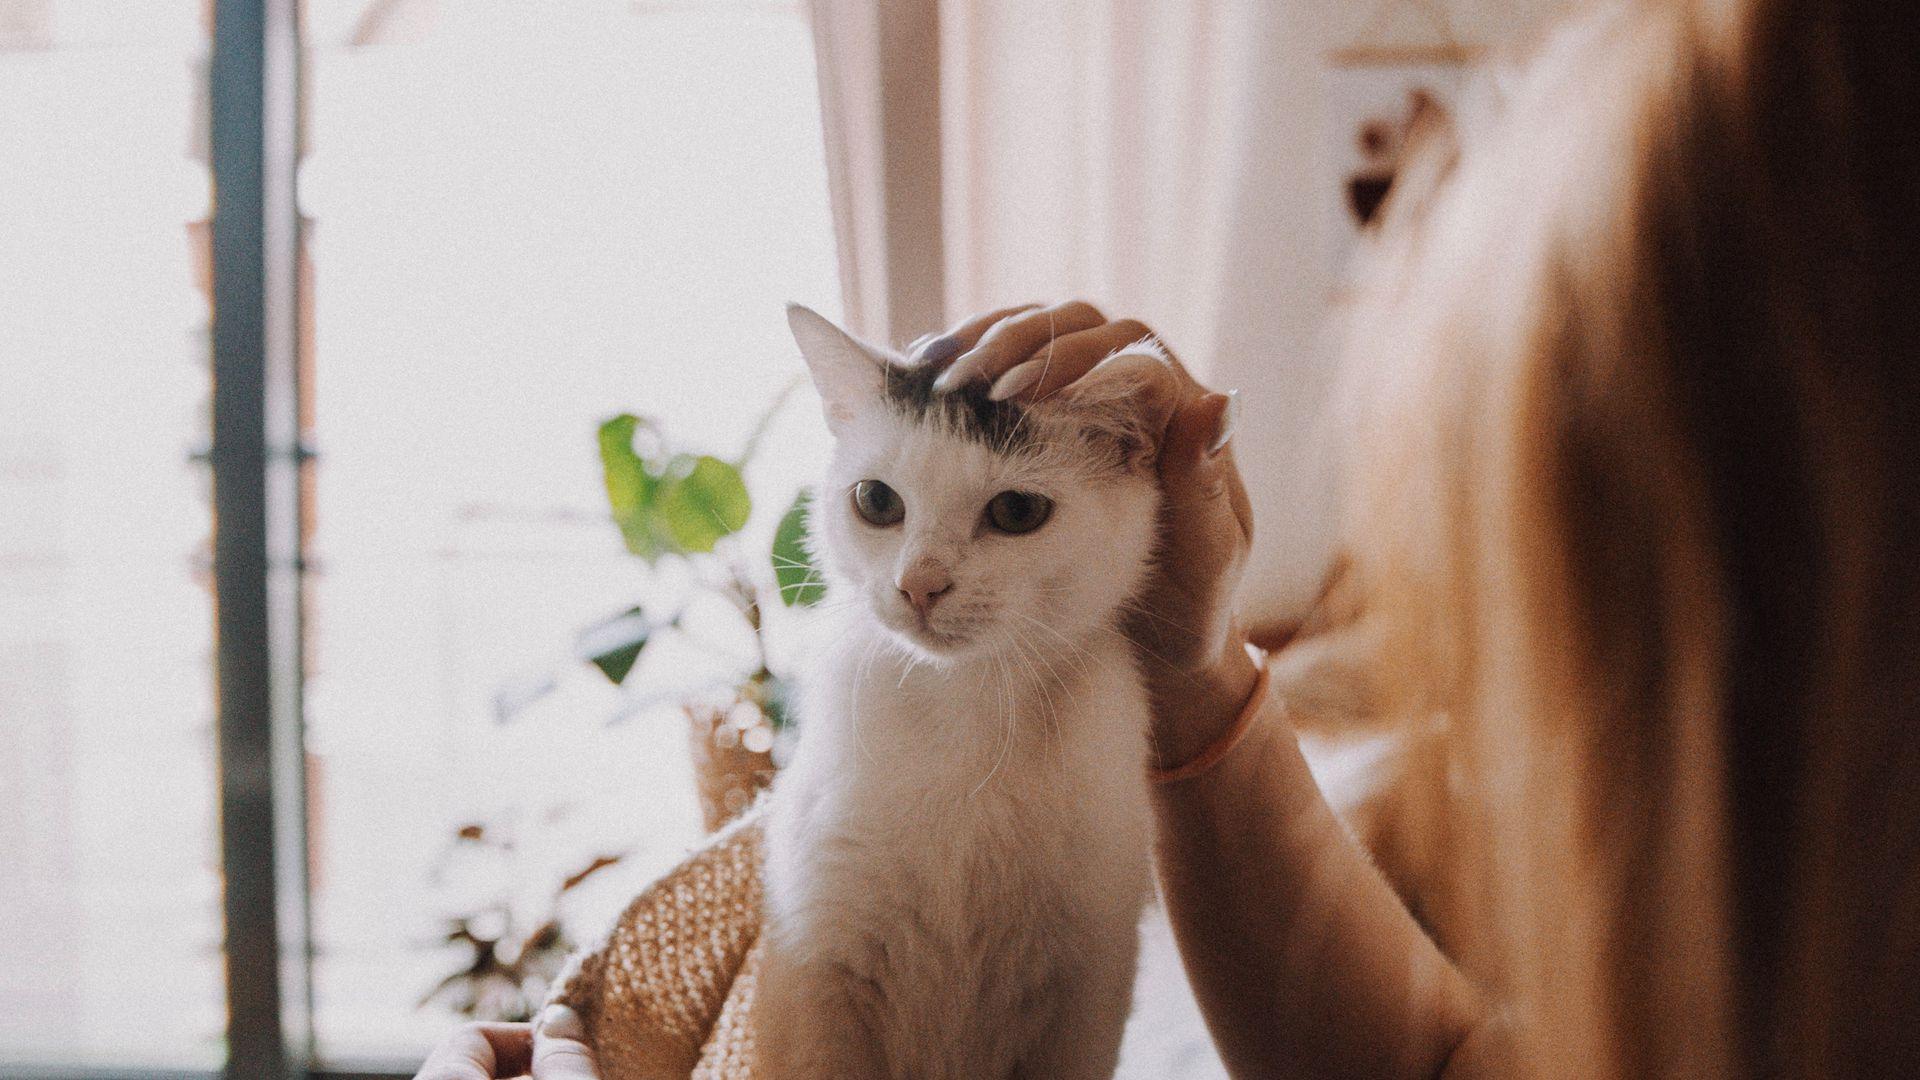 Психологи рассказали о способе наладить контакт с кошкой